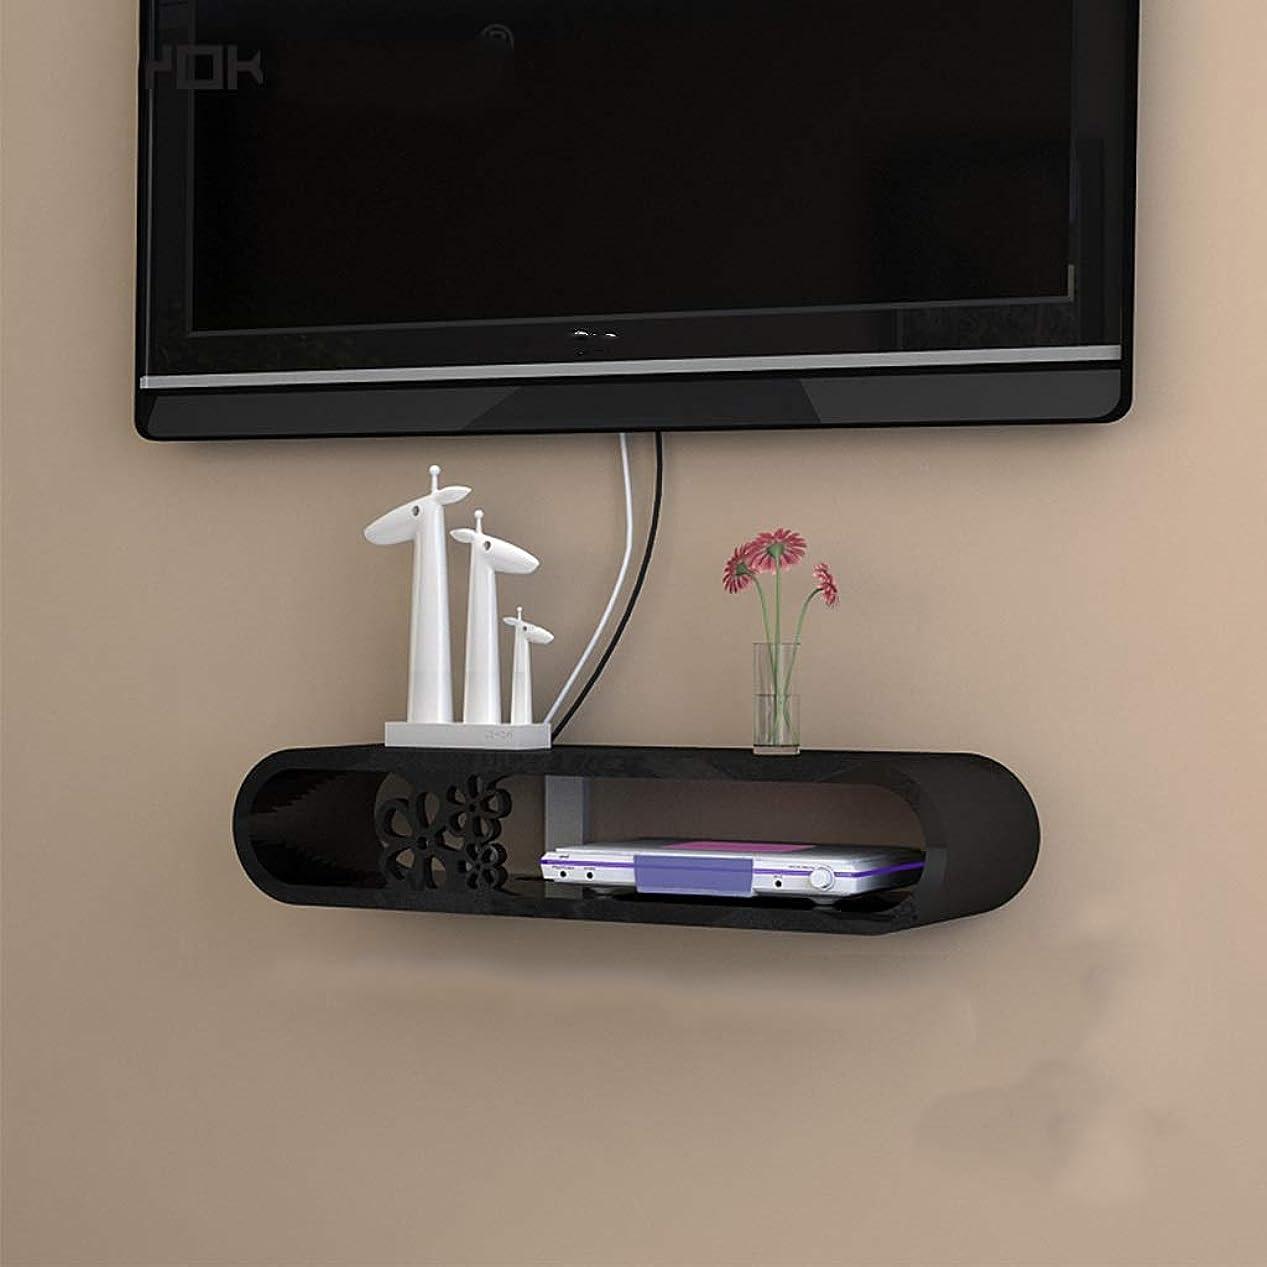 衝突靴下含む現代壁は、WiFiルーター、TVボックスセットトップボックススピーカーストリーミングデバイスのゲームコンソールの安全フィレット用スタンド/ブラケット/スタンドホルダーメディアコンソール浮動テレビシェルフテレビをマウント (Size : B 70cm)